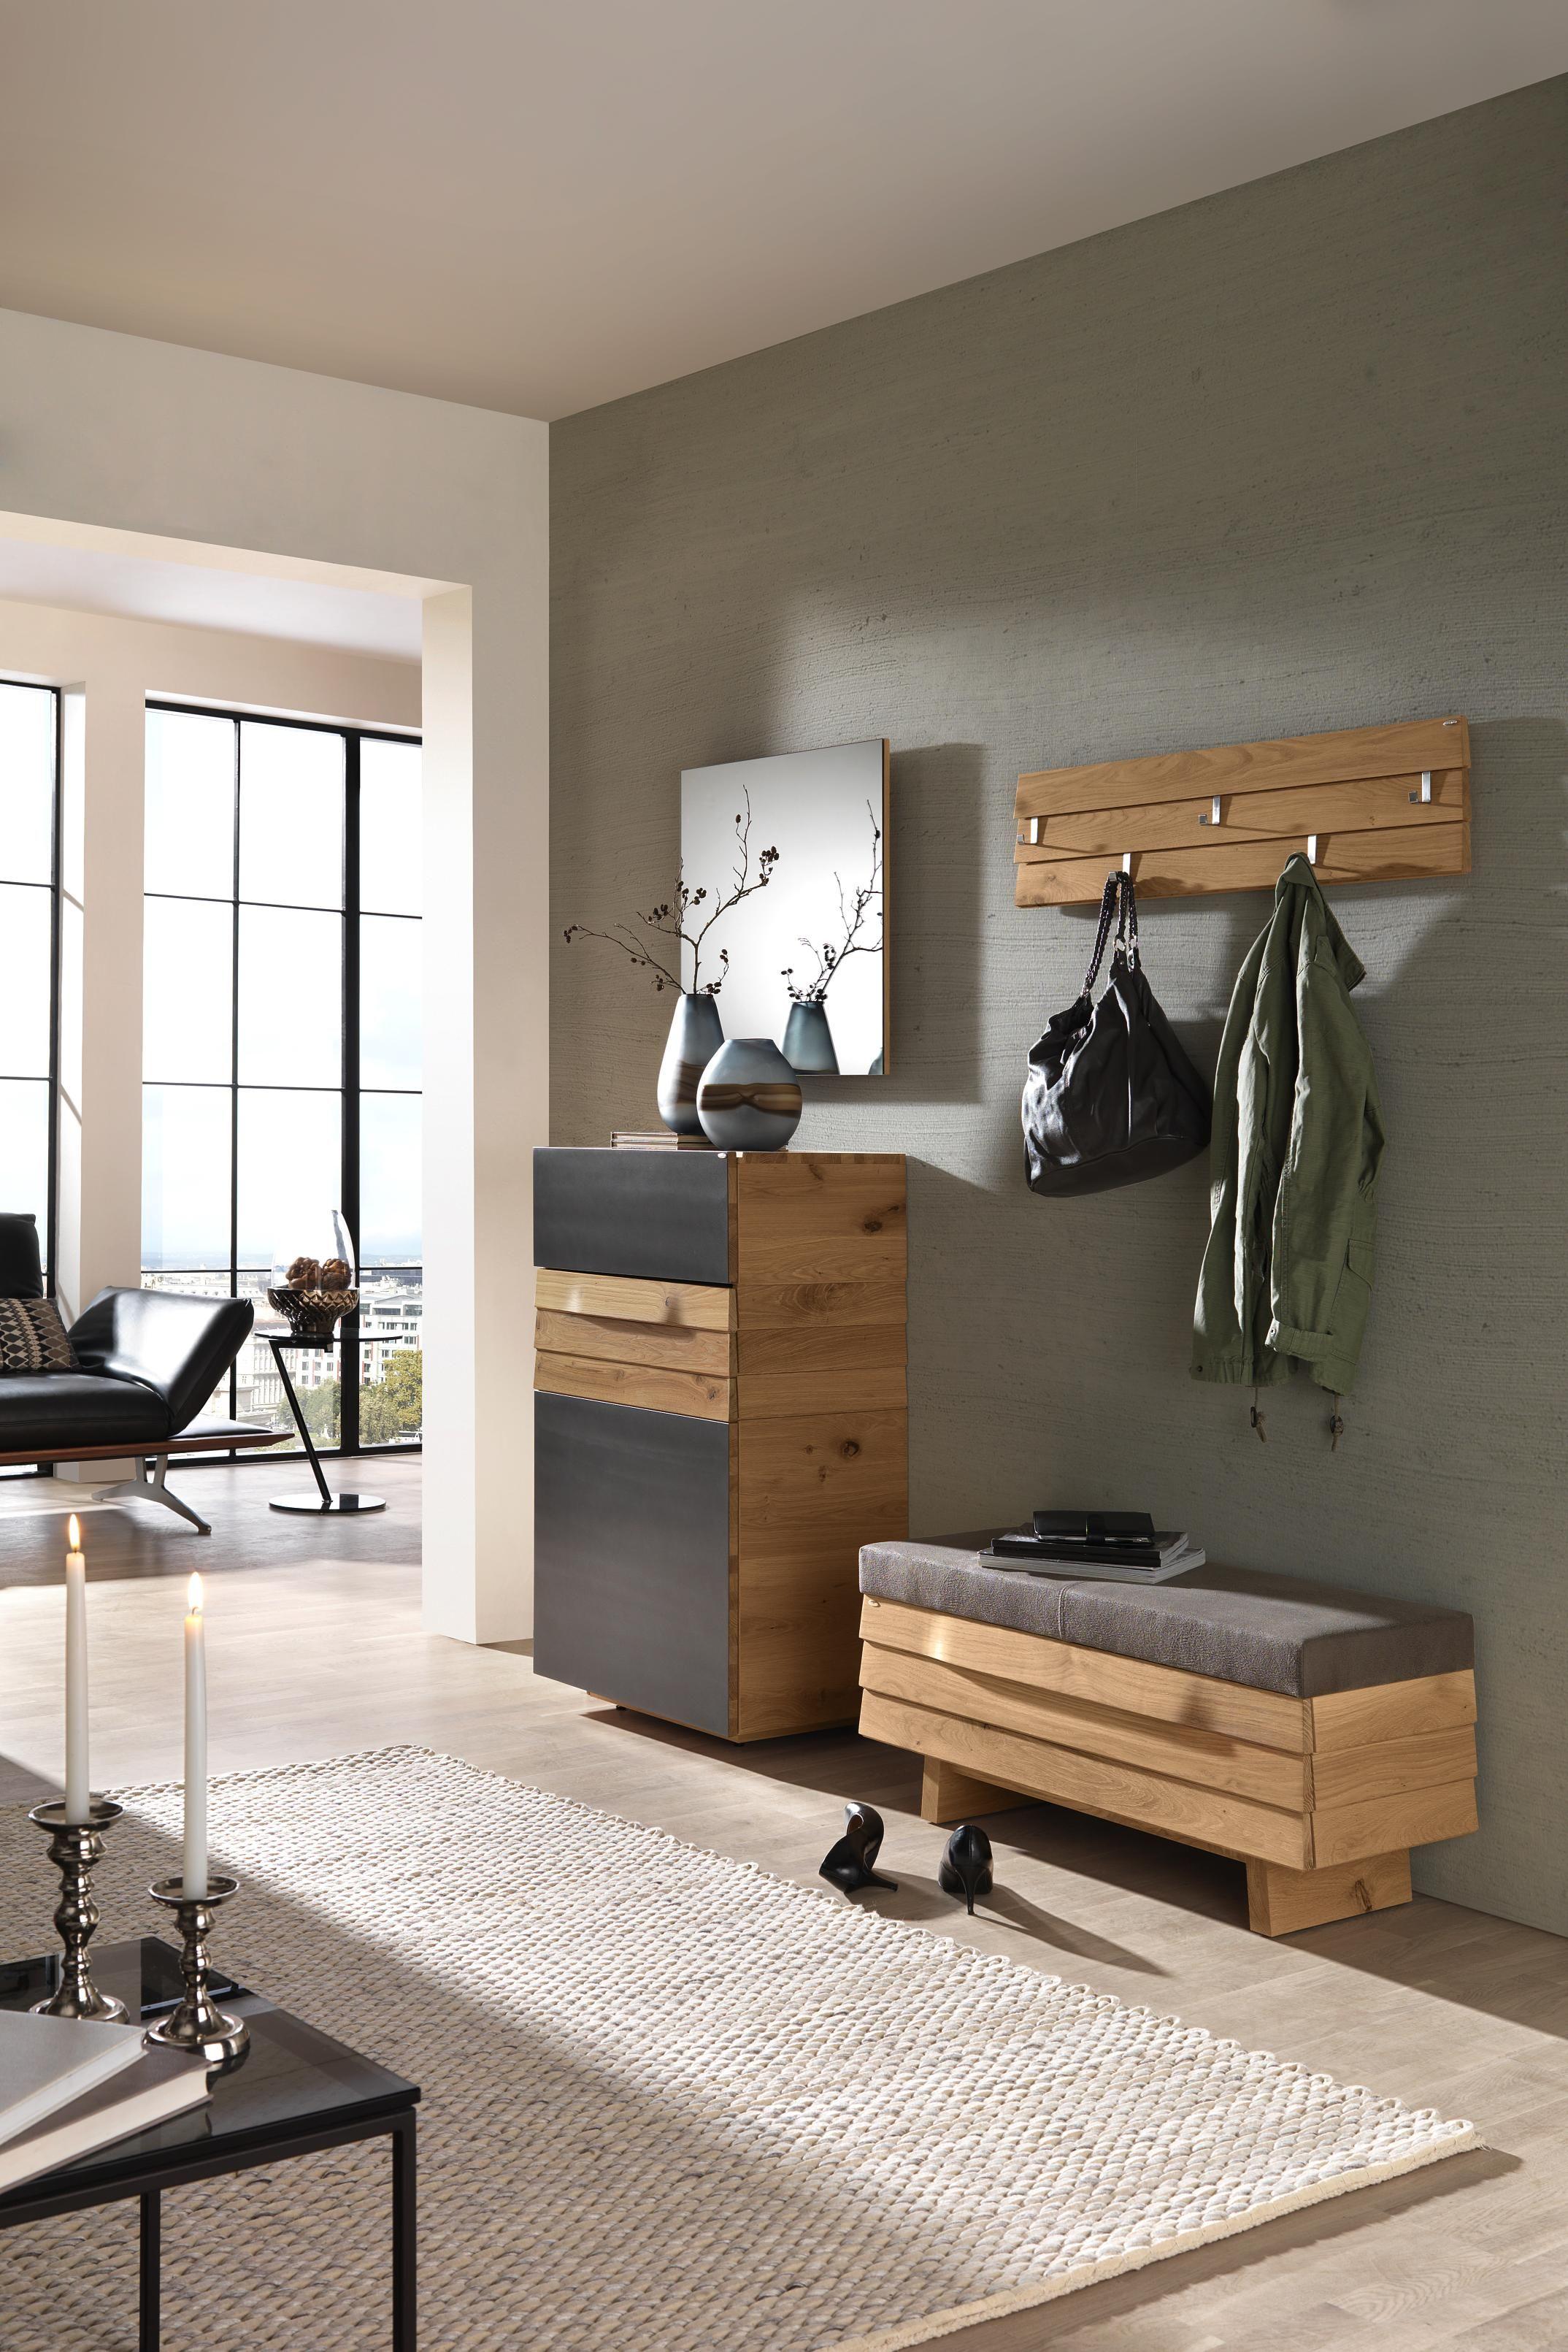 garderobe von voglauer vorzimmer pinterest garderoben flure und flur gestalten. Black Bedroom Furniture Sets. Home Design Ideas